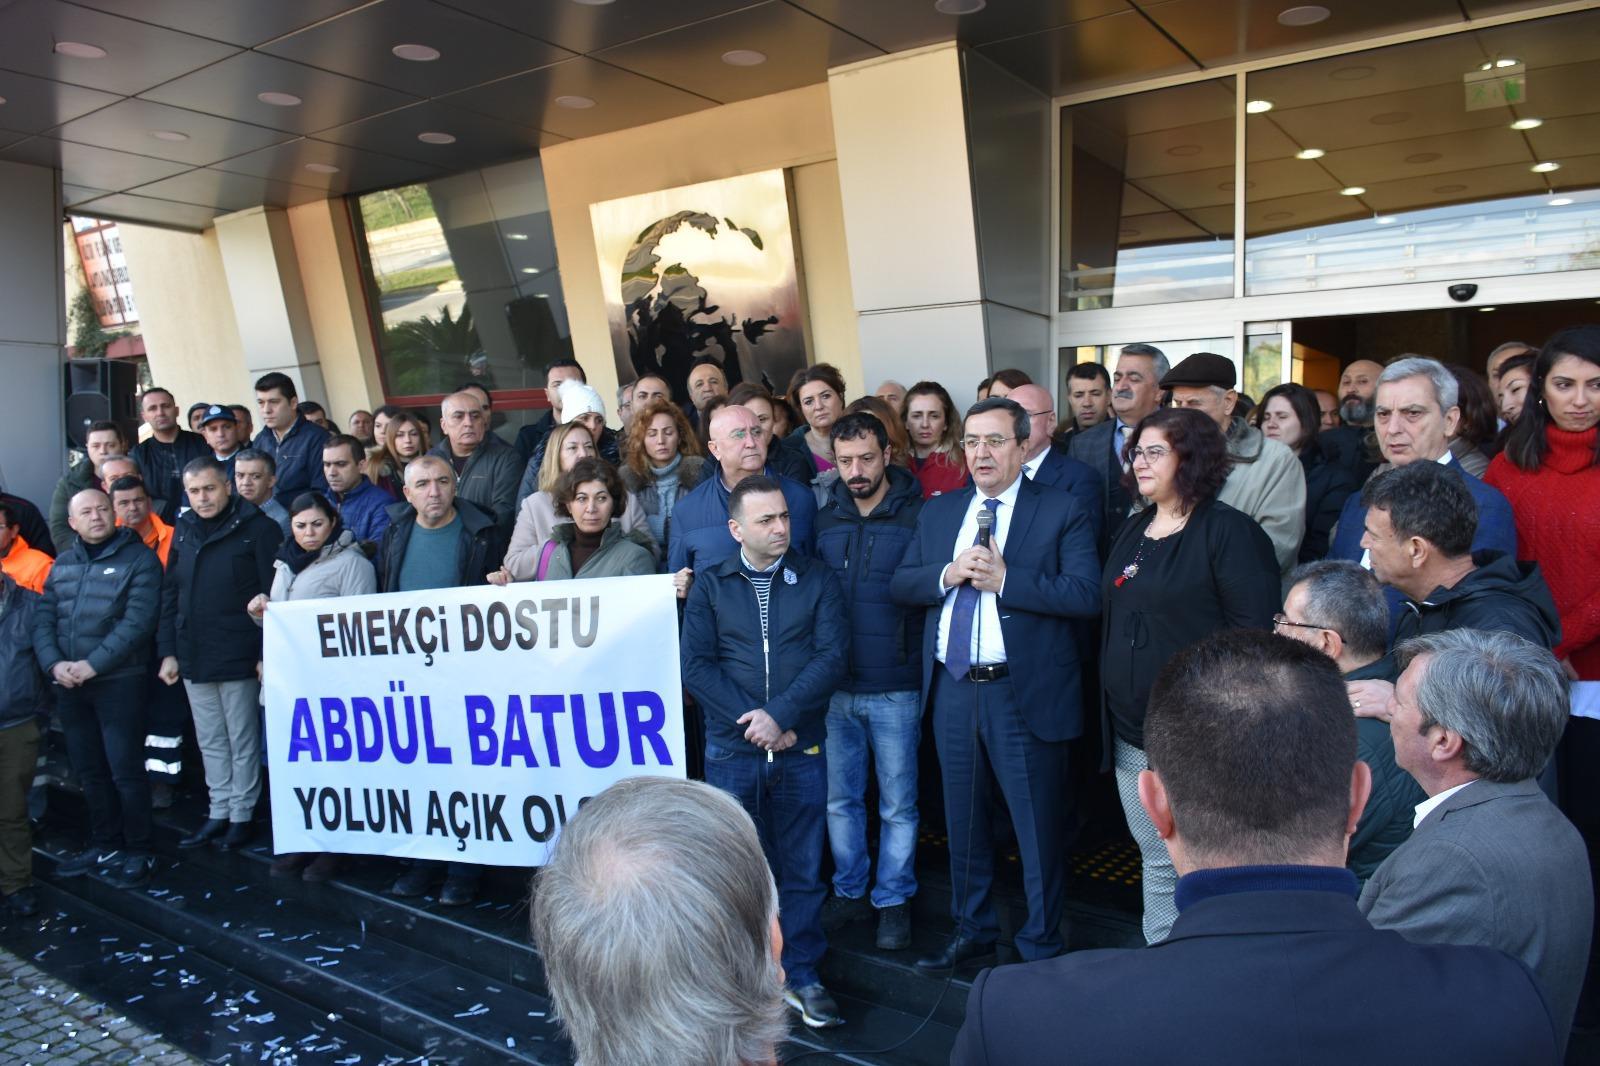 İzmir'in kalbi için Konak için çalışacağız